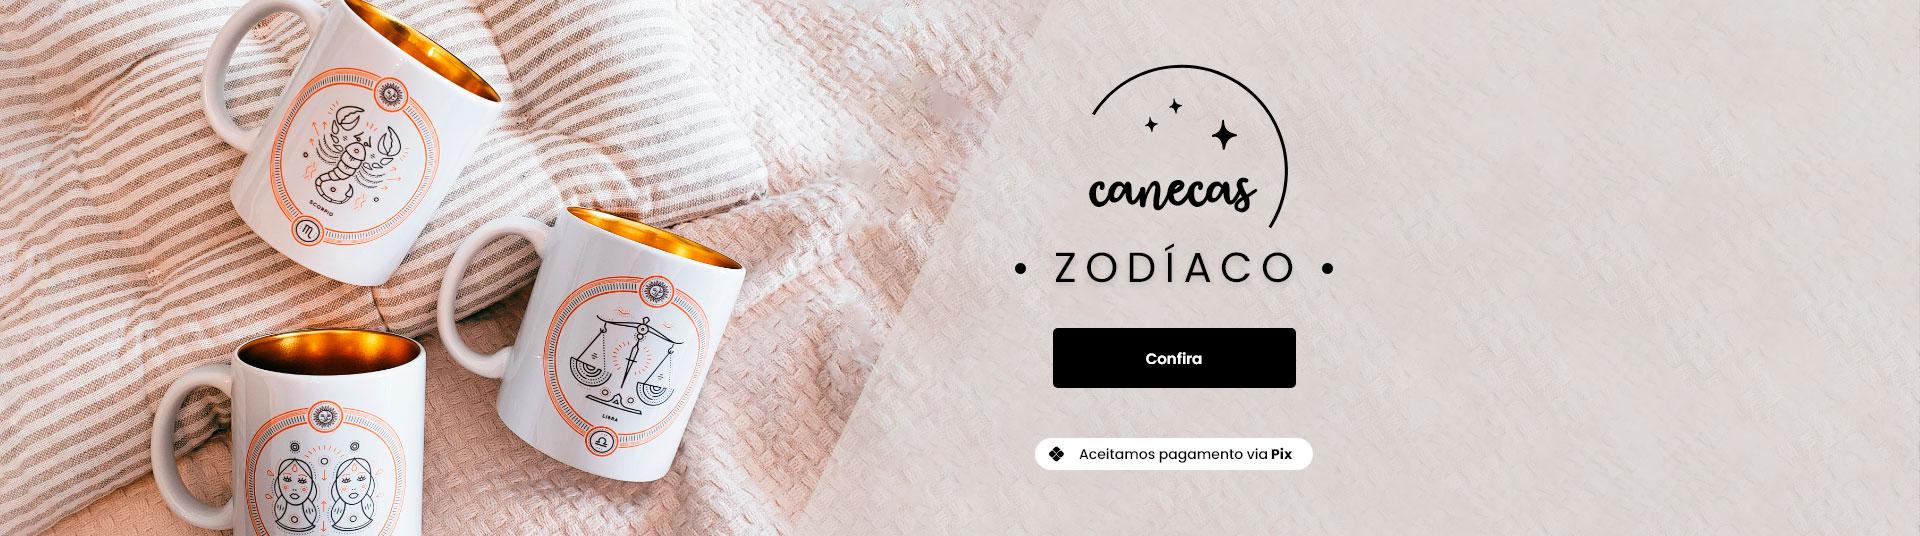 Canecas Zodiaco